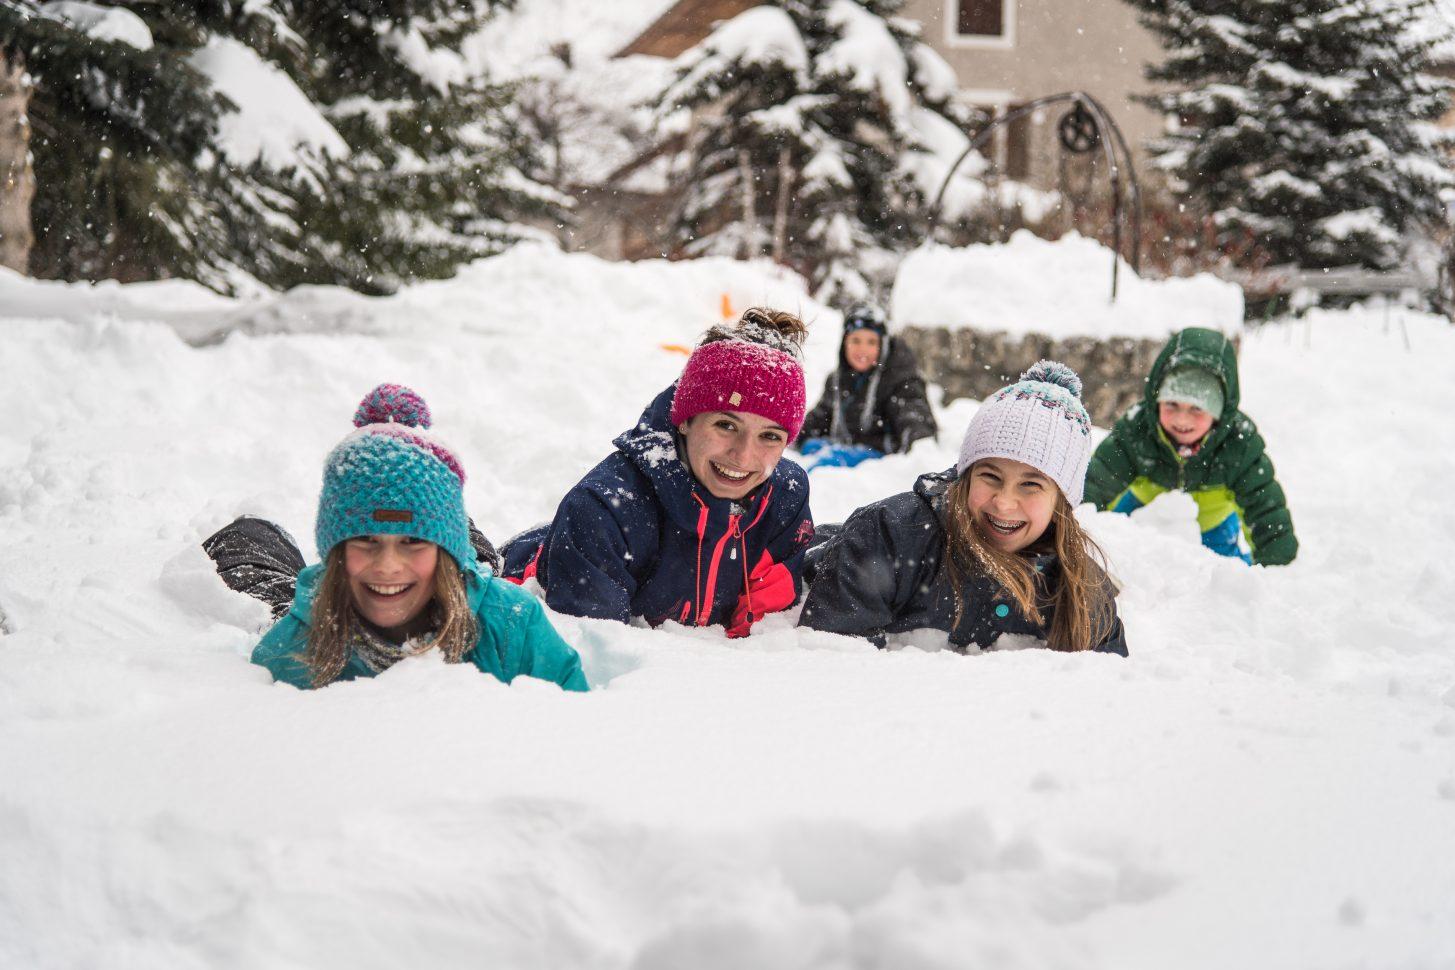 Le plaisir de la neige !